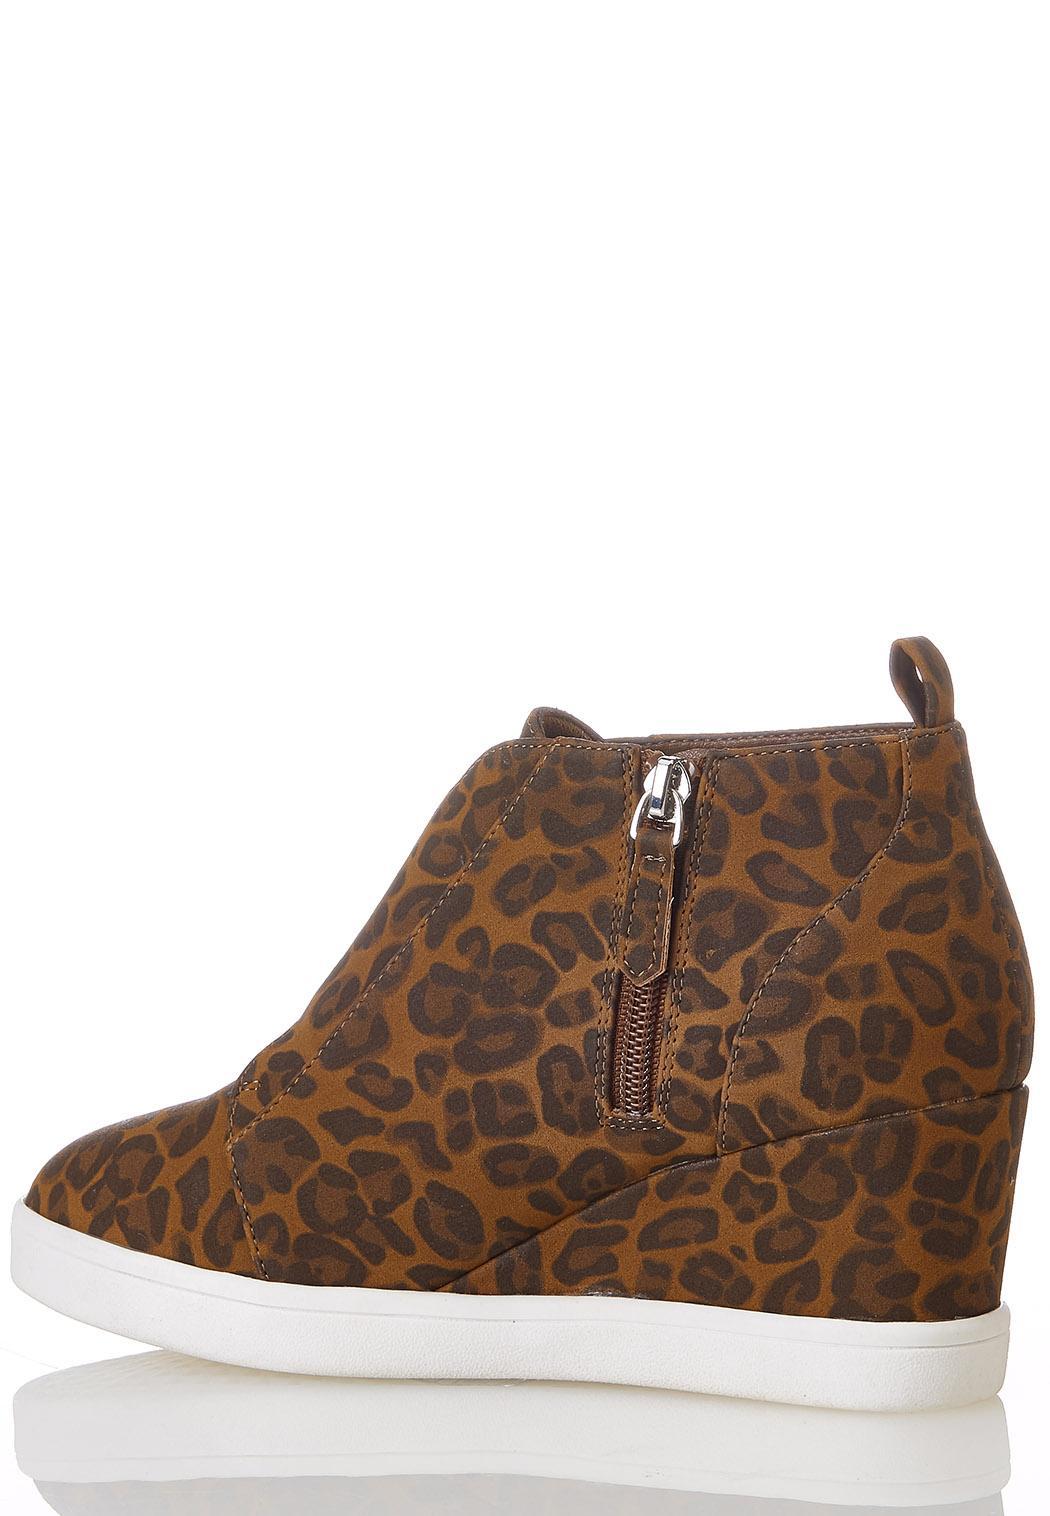 Leopard Wedge Sneakers (Item #44273911)